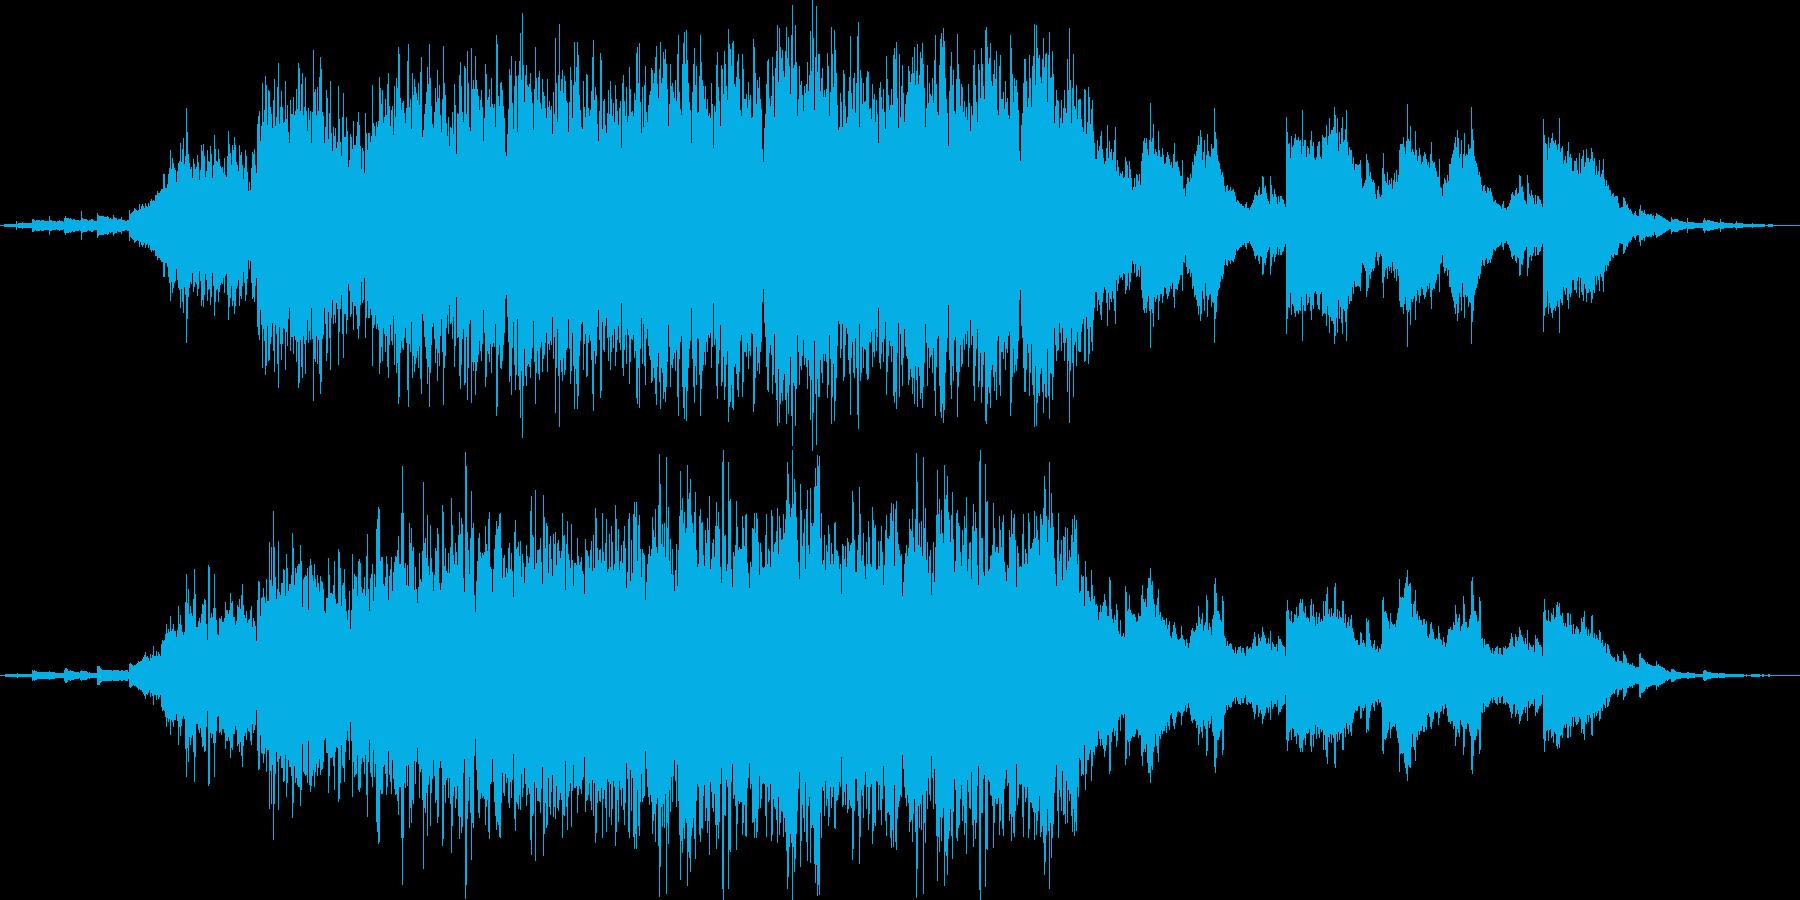 神殿の中に居るような雰囲気の幻想的BGMの再生済みの波形